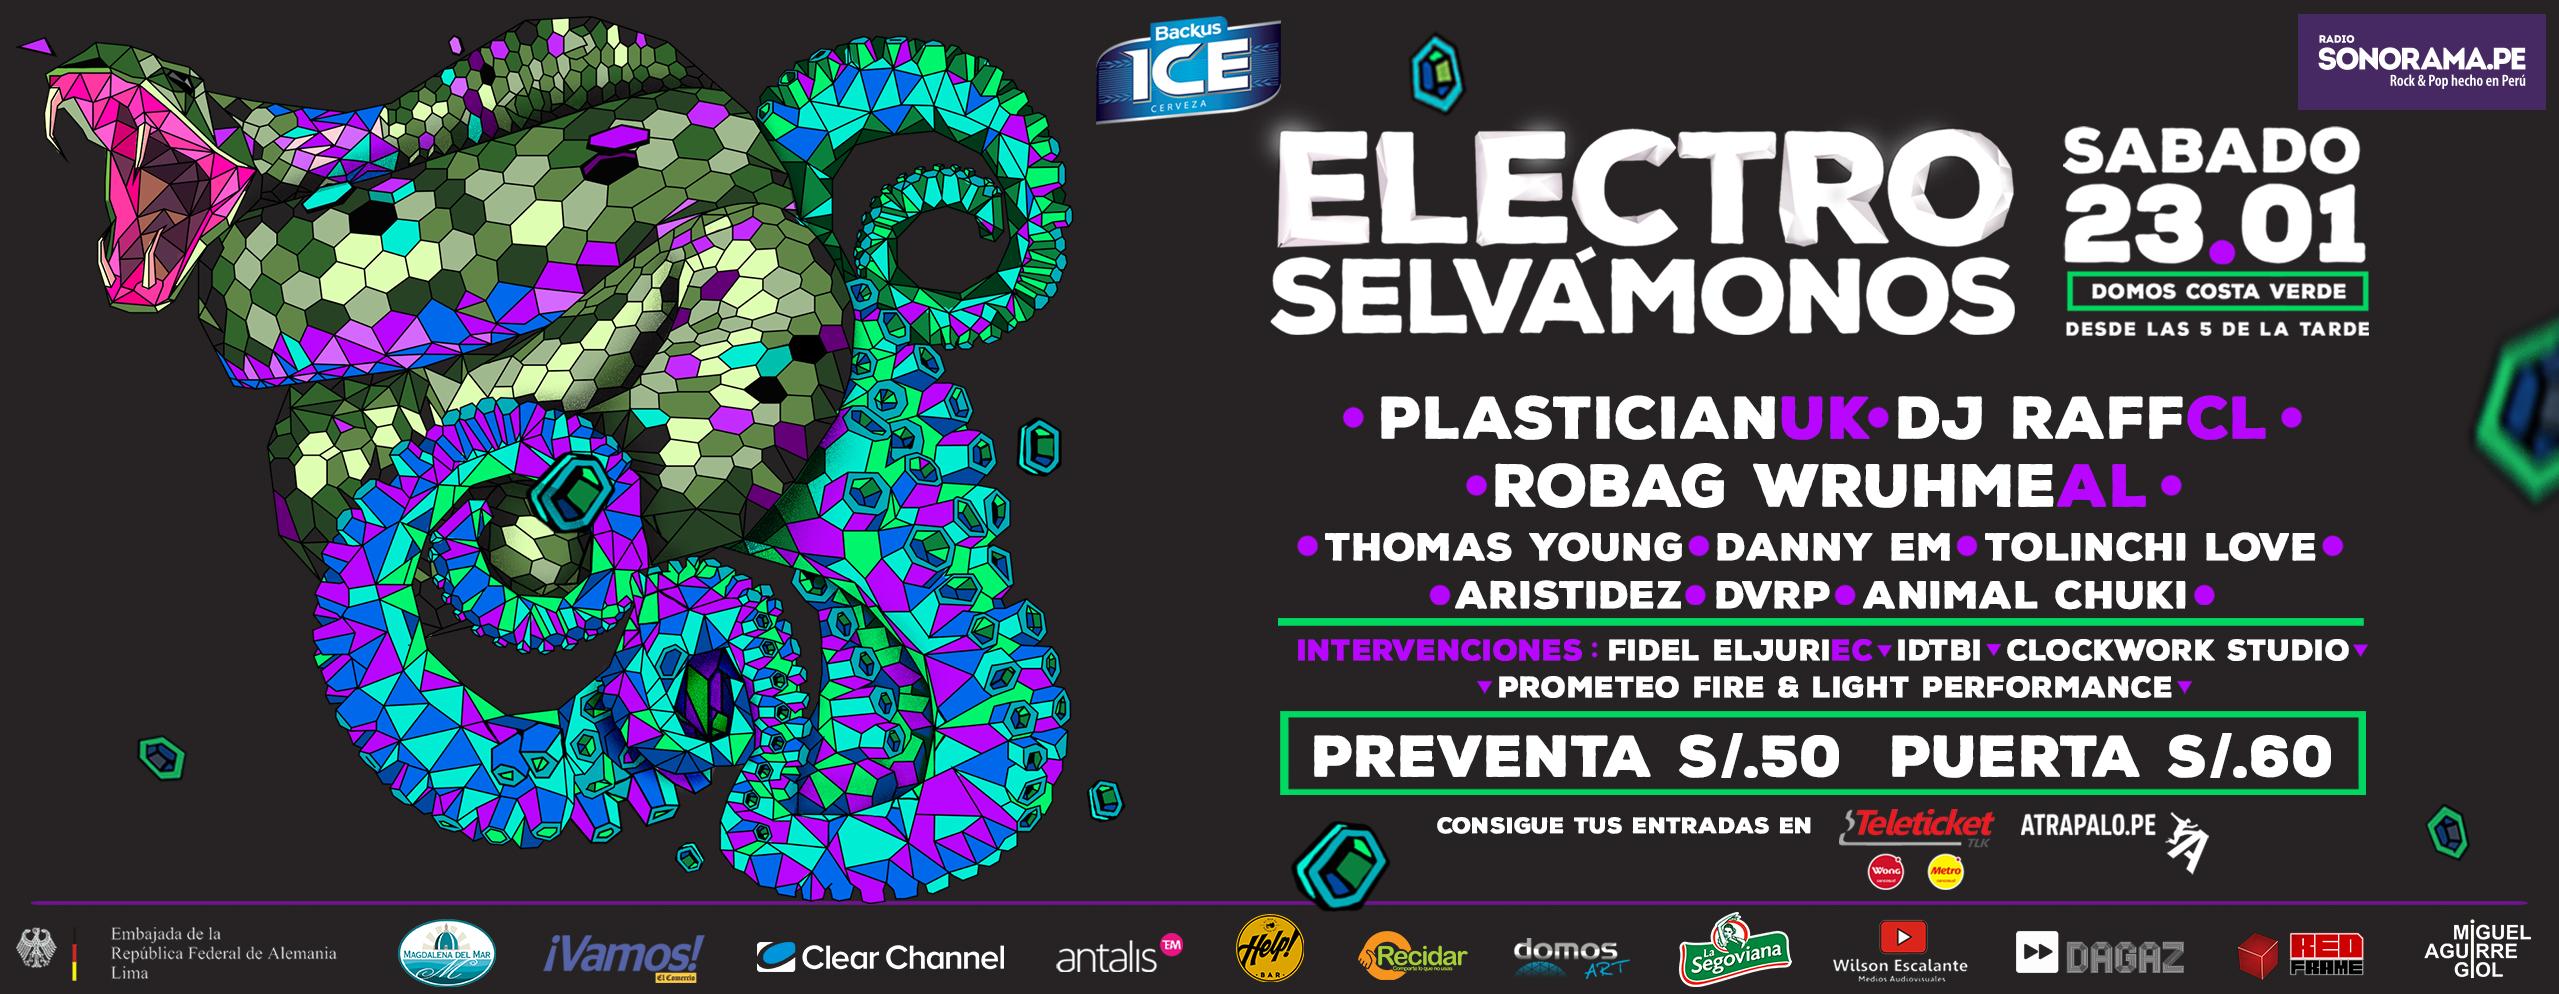 2.Banner_Electro-Selvamonos_Web_ConLineUp